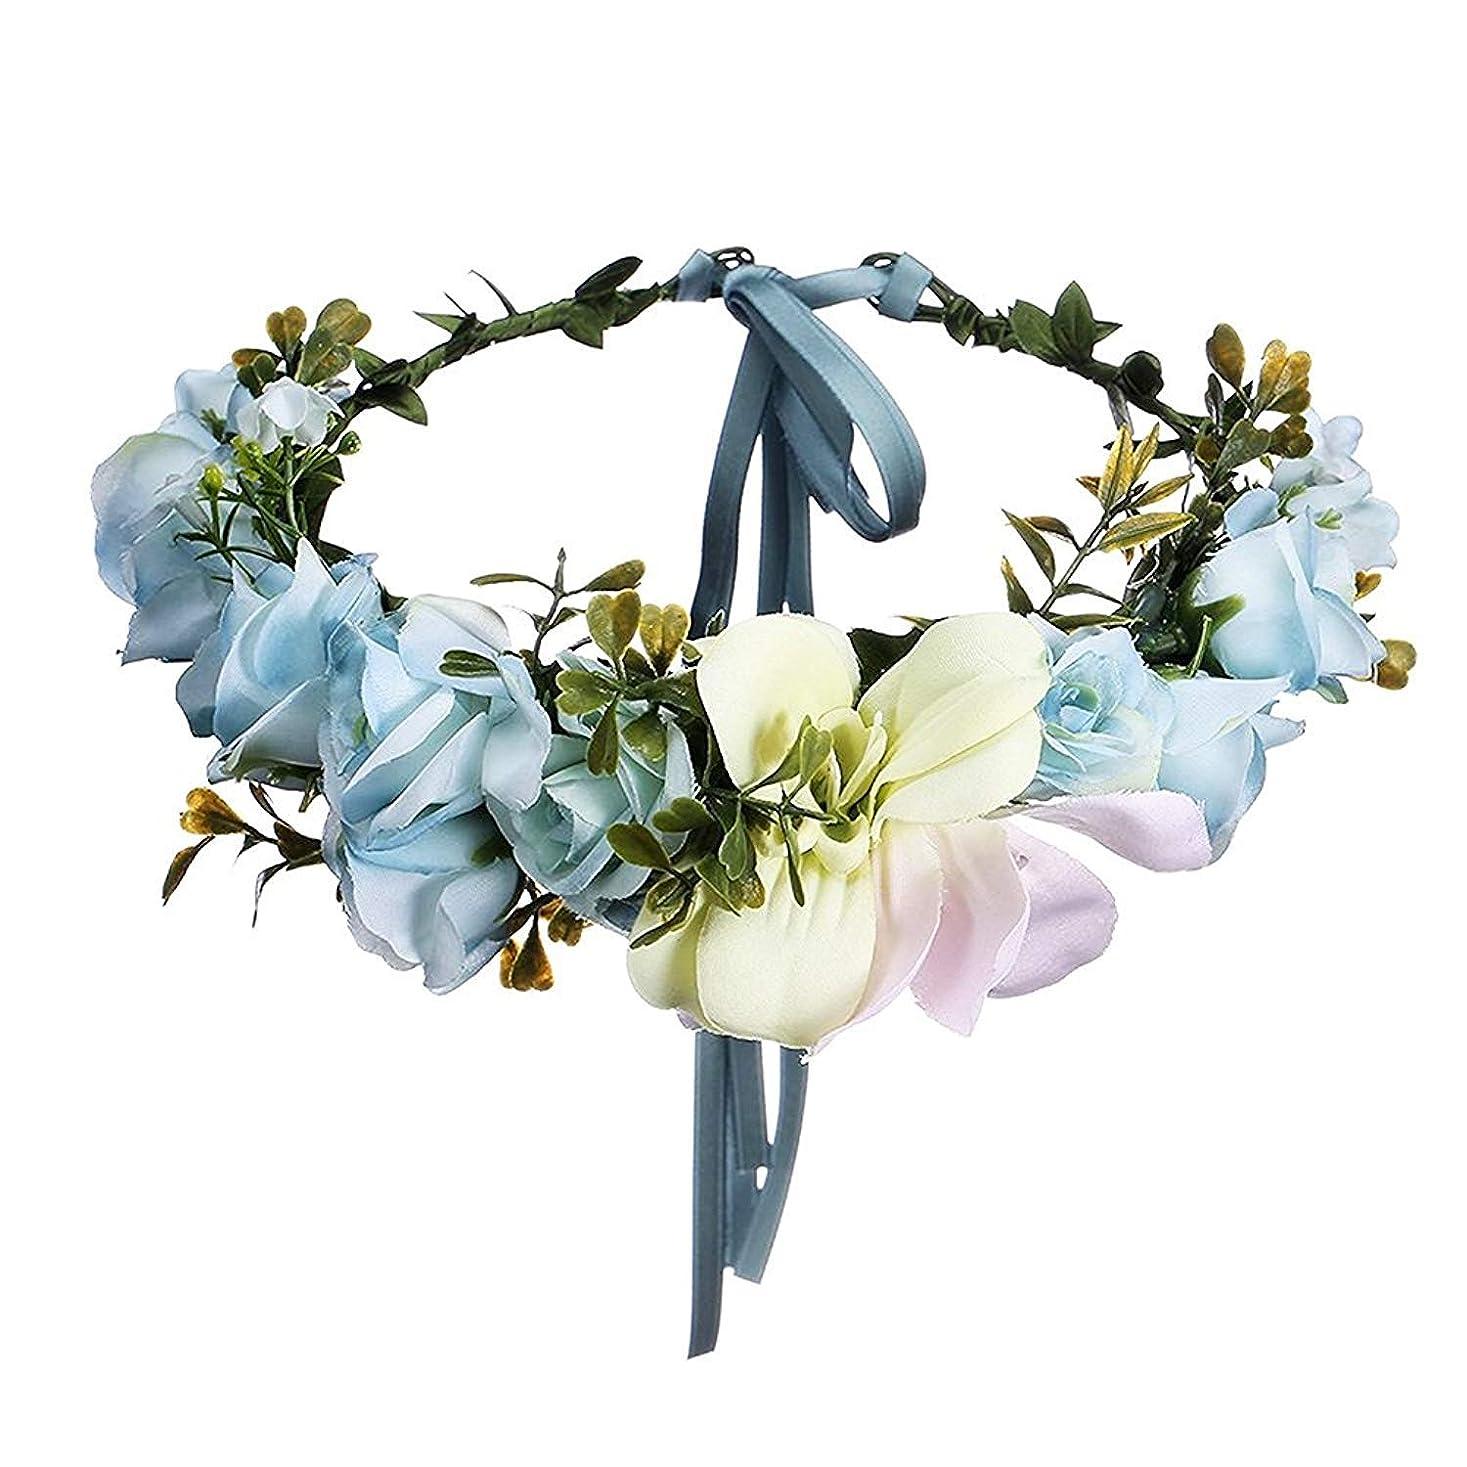 Onior 調節可能 花嫁 ヘアアクセサリー 百合花 カチューシャ リボン, ファッション フラワー ヘアバンド 花輪 リボン アクセサリー 1 PCS ブルー